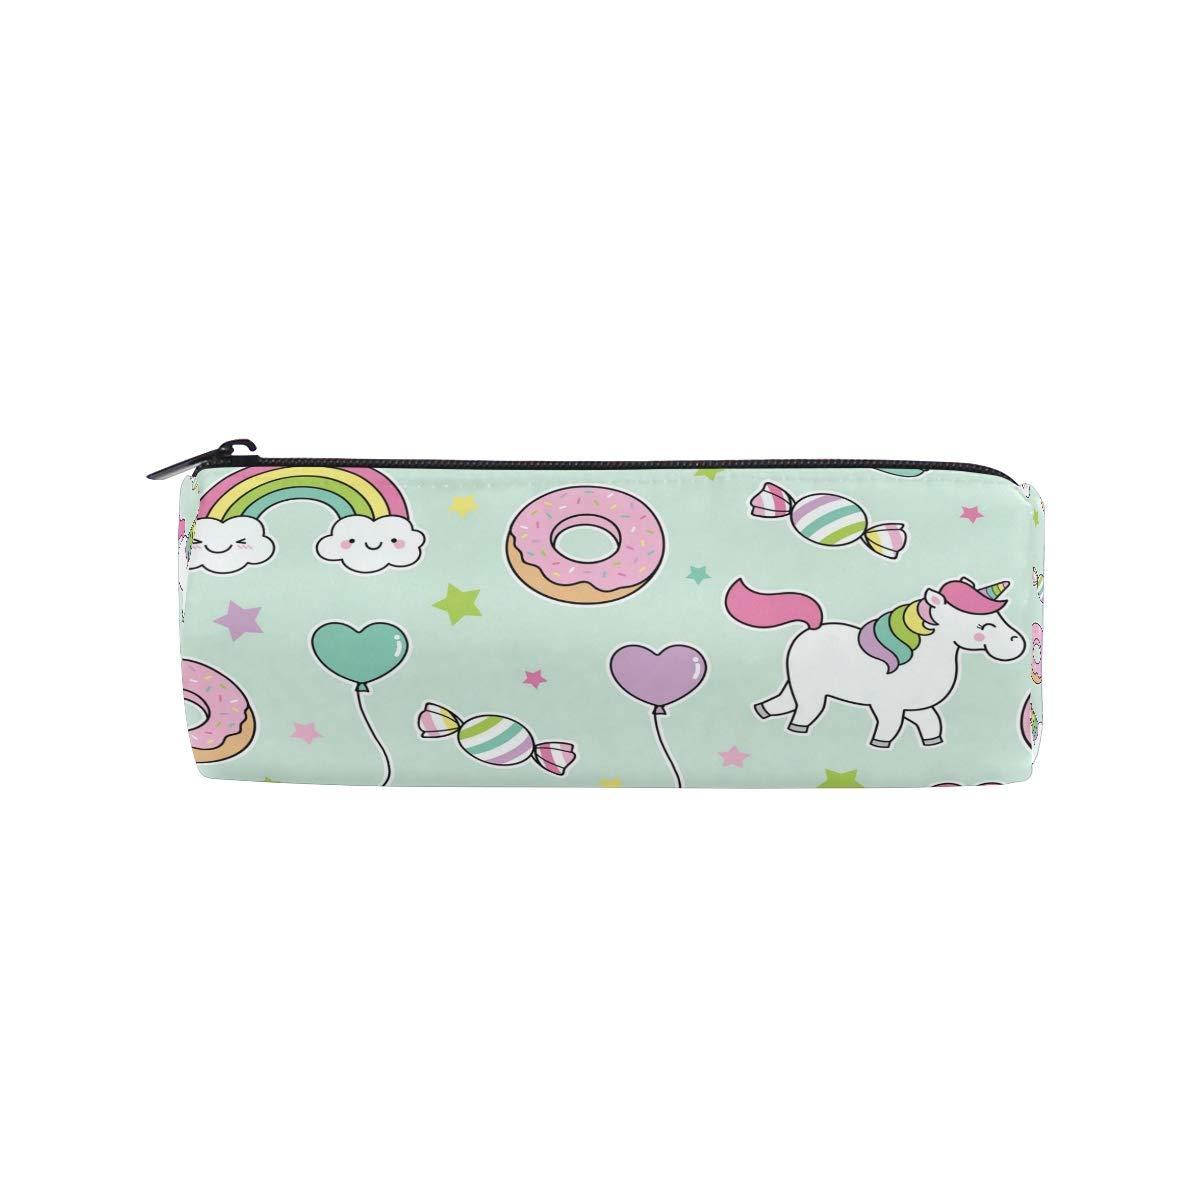 Estuche para lápices con diseño de unicornio con arcoíris, para niños, niñas, estudiantes, bolsa, bolsa de maquillaje redonda: Amazon.es: Oficina y papelería